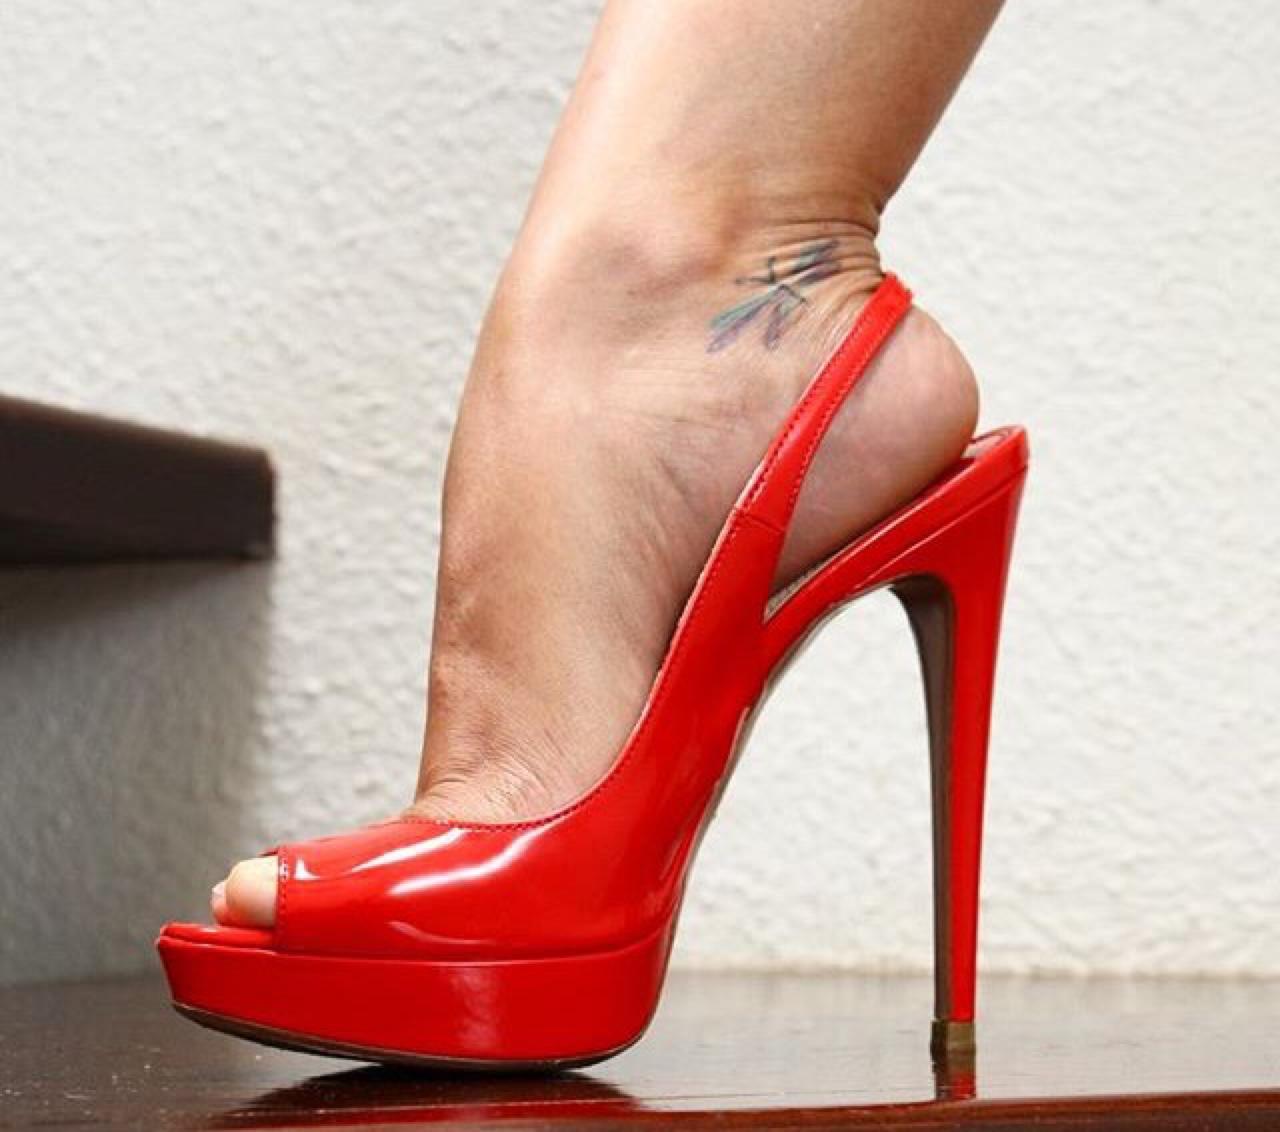 platform red high heel slingbacks shoeshighheelsstilettos redstilettoheels schuhmode. Black Bedroom Furniture Sets. Home Design Ideas